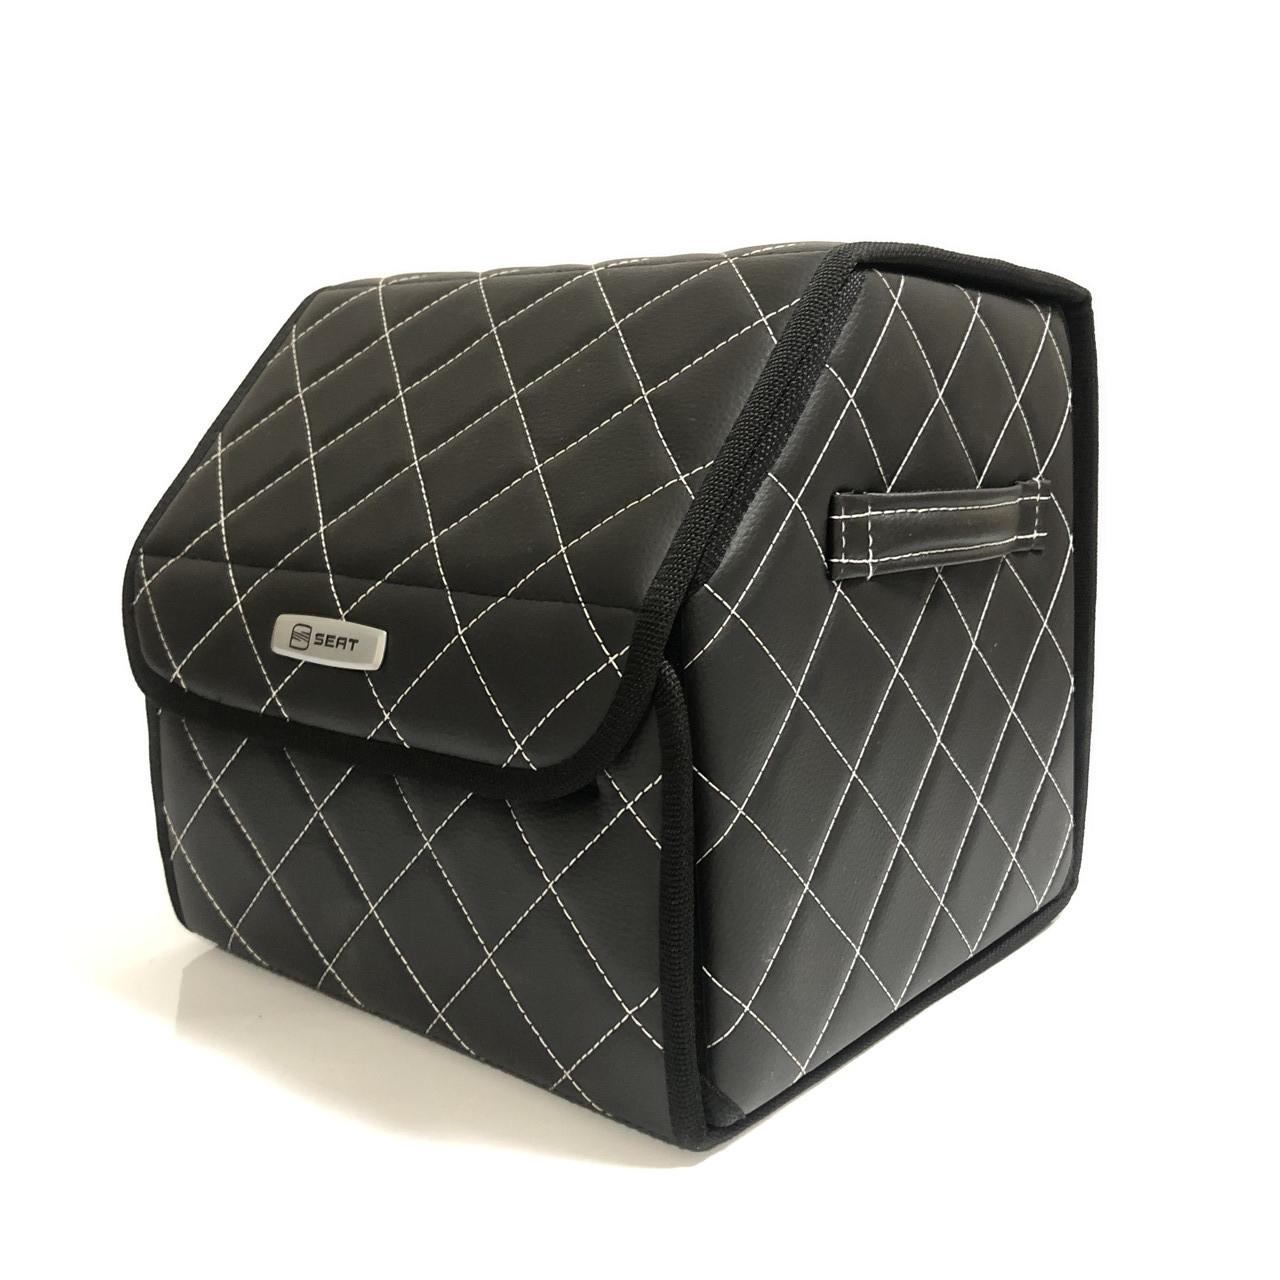 Саквояж с лого в багажник «SEAT» I Органайзер в авто черный Сеат